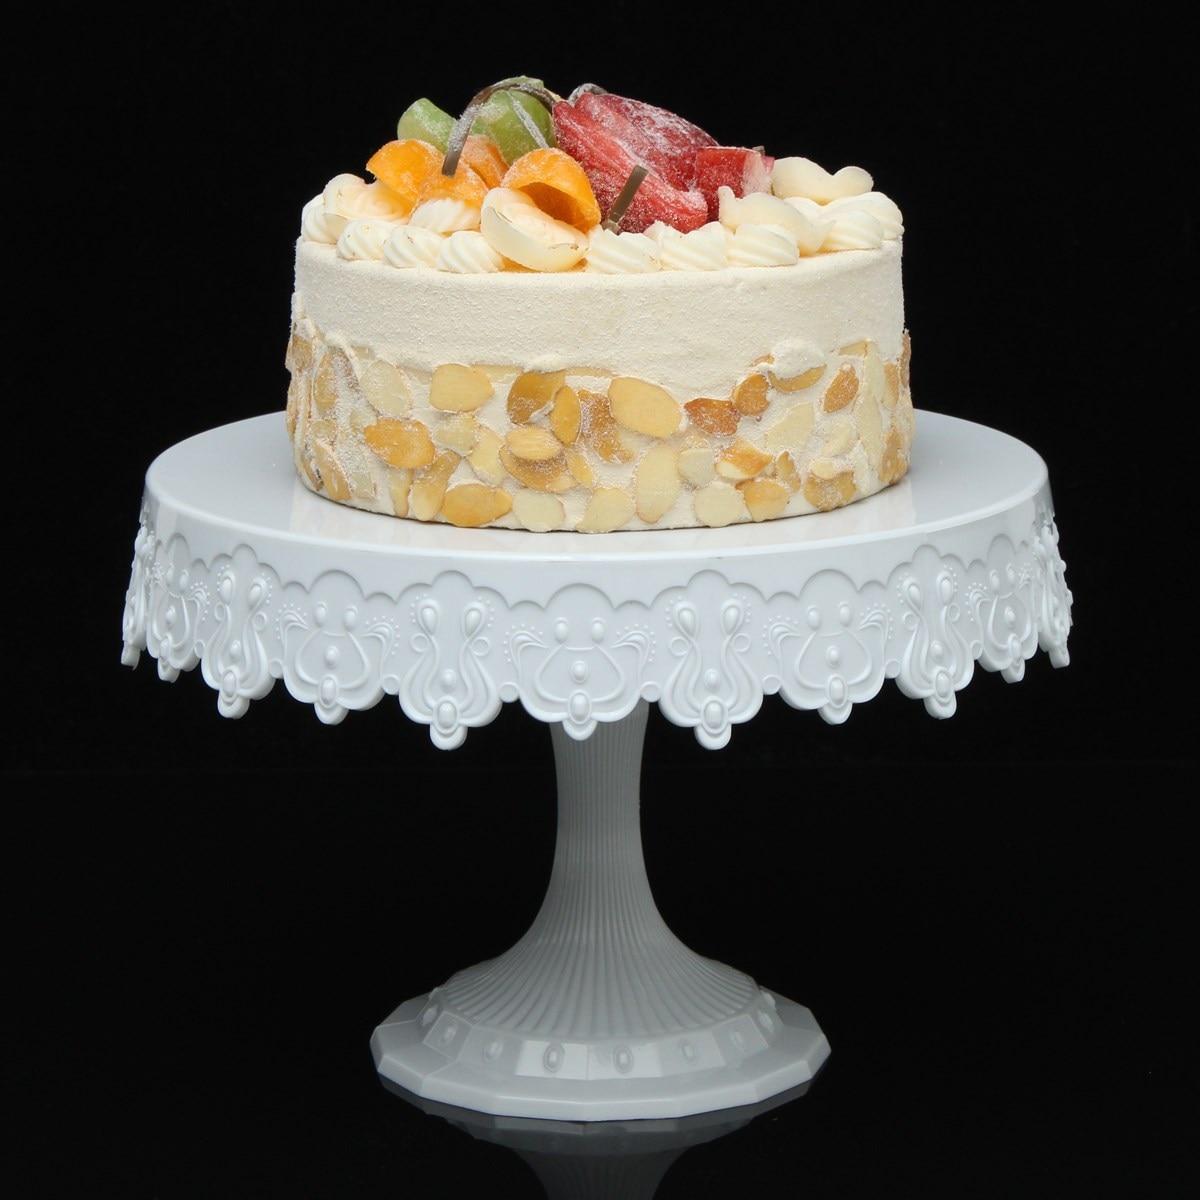 European Style Wedding Cake